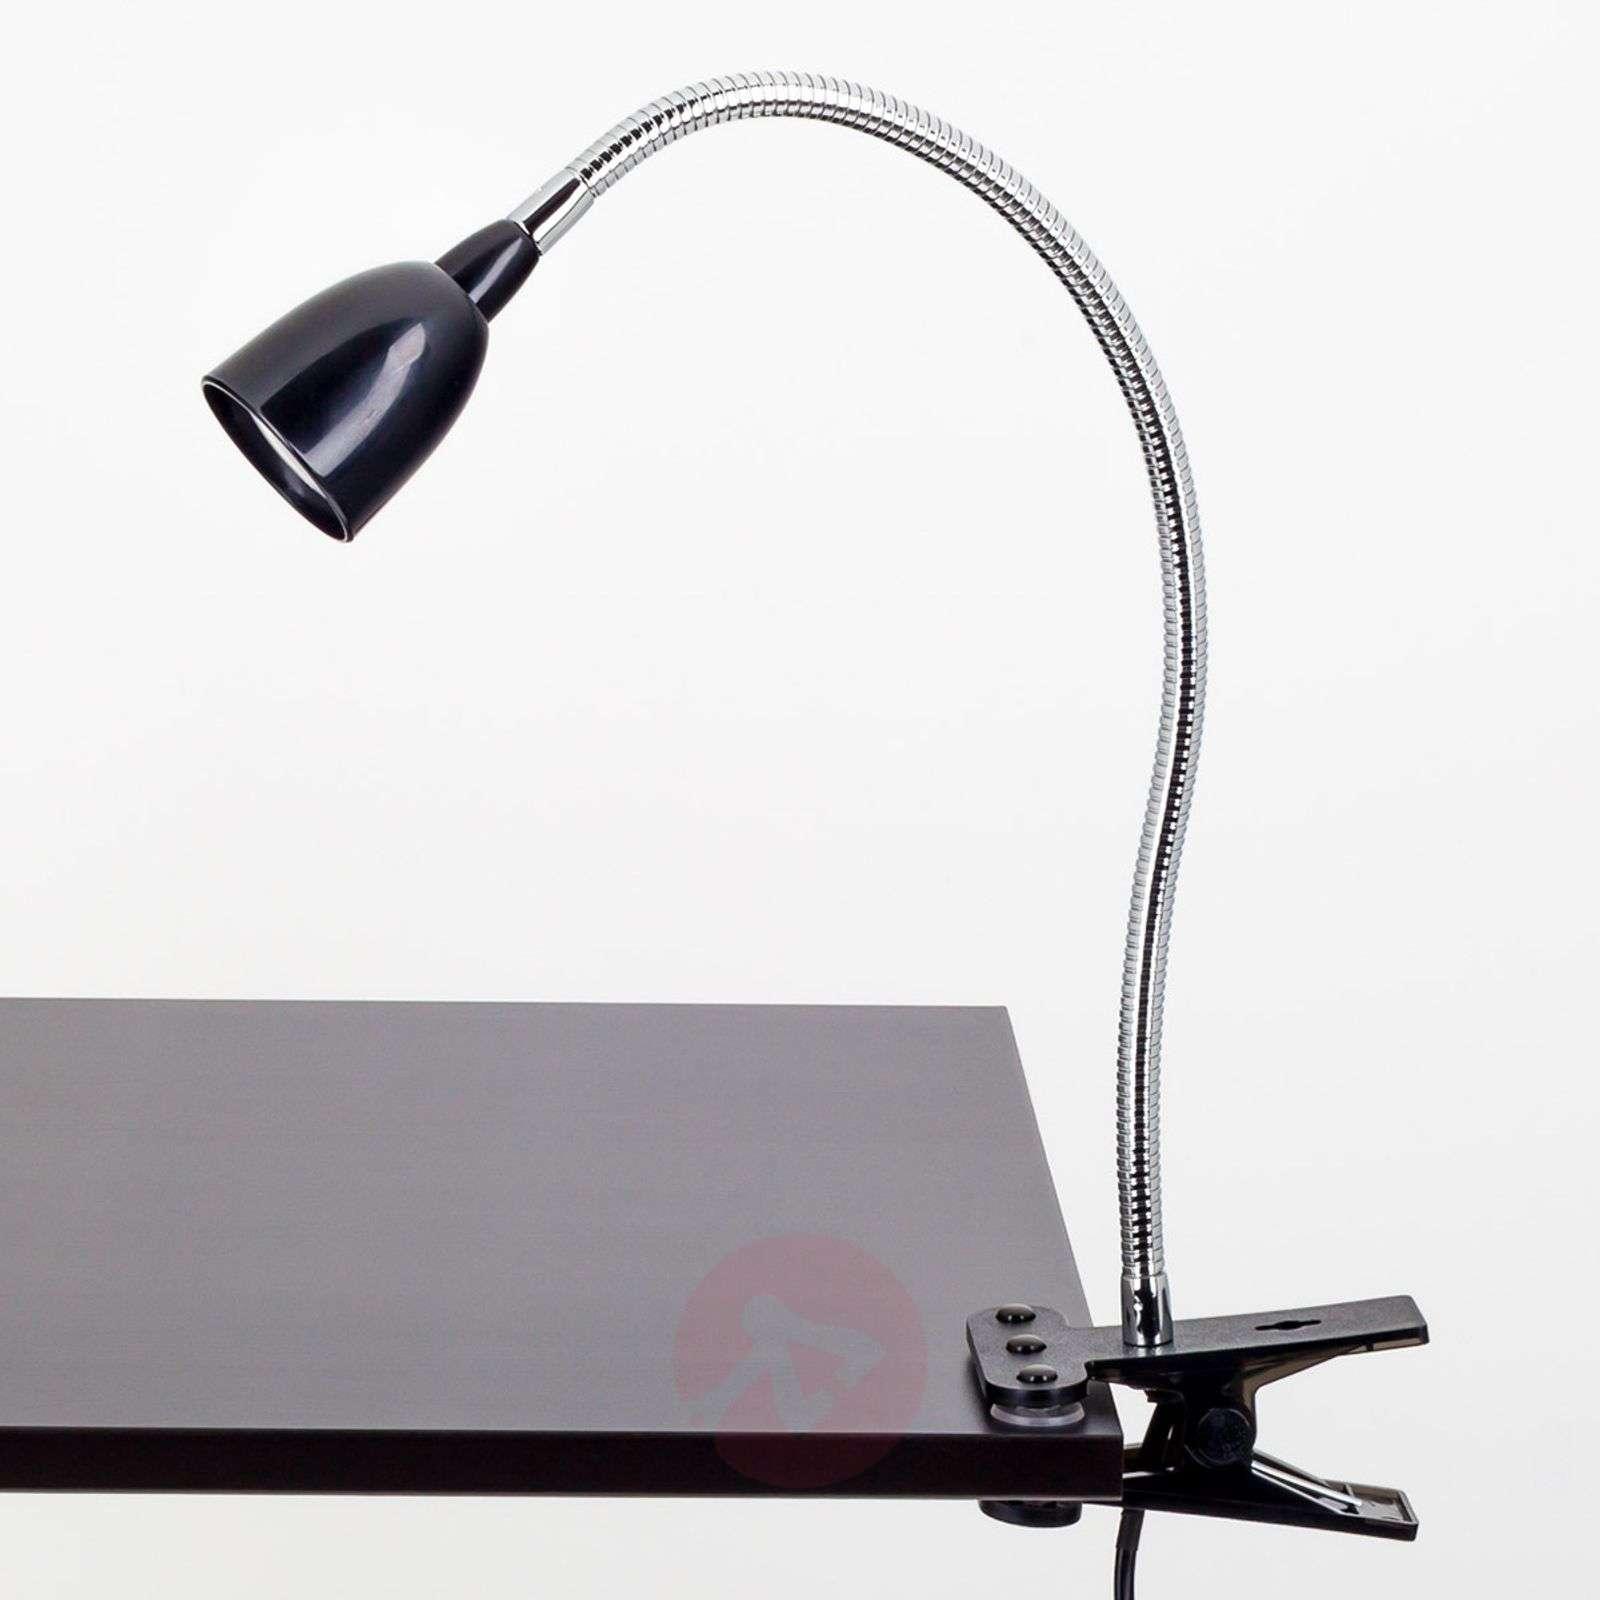 Rabea musta LED-työpöytävalaisin-9643007-01